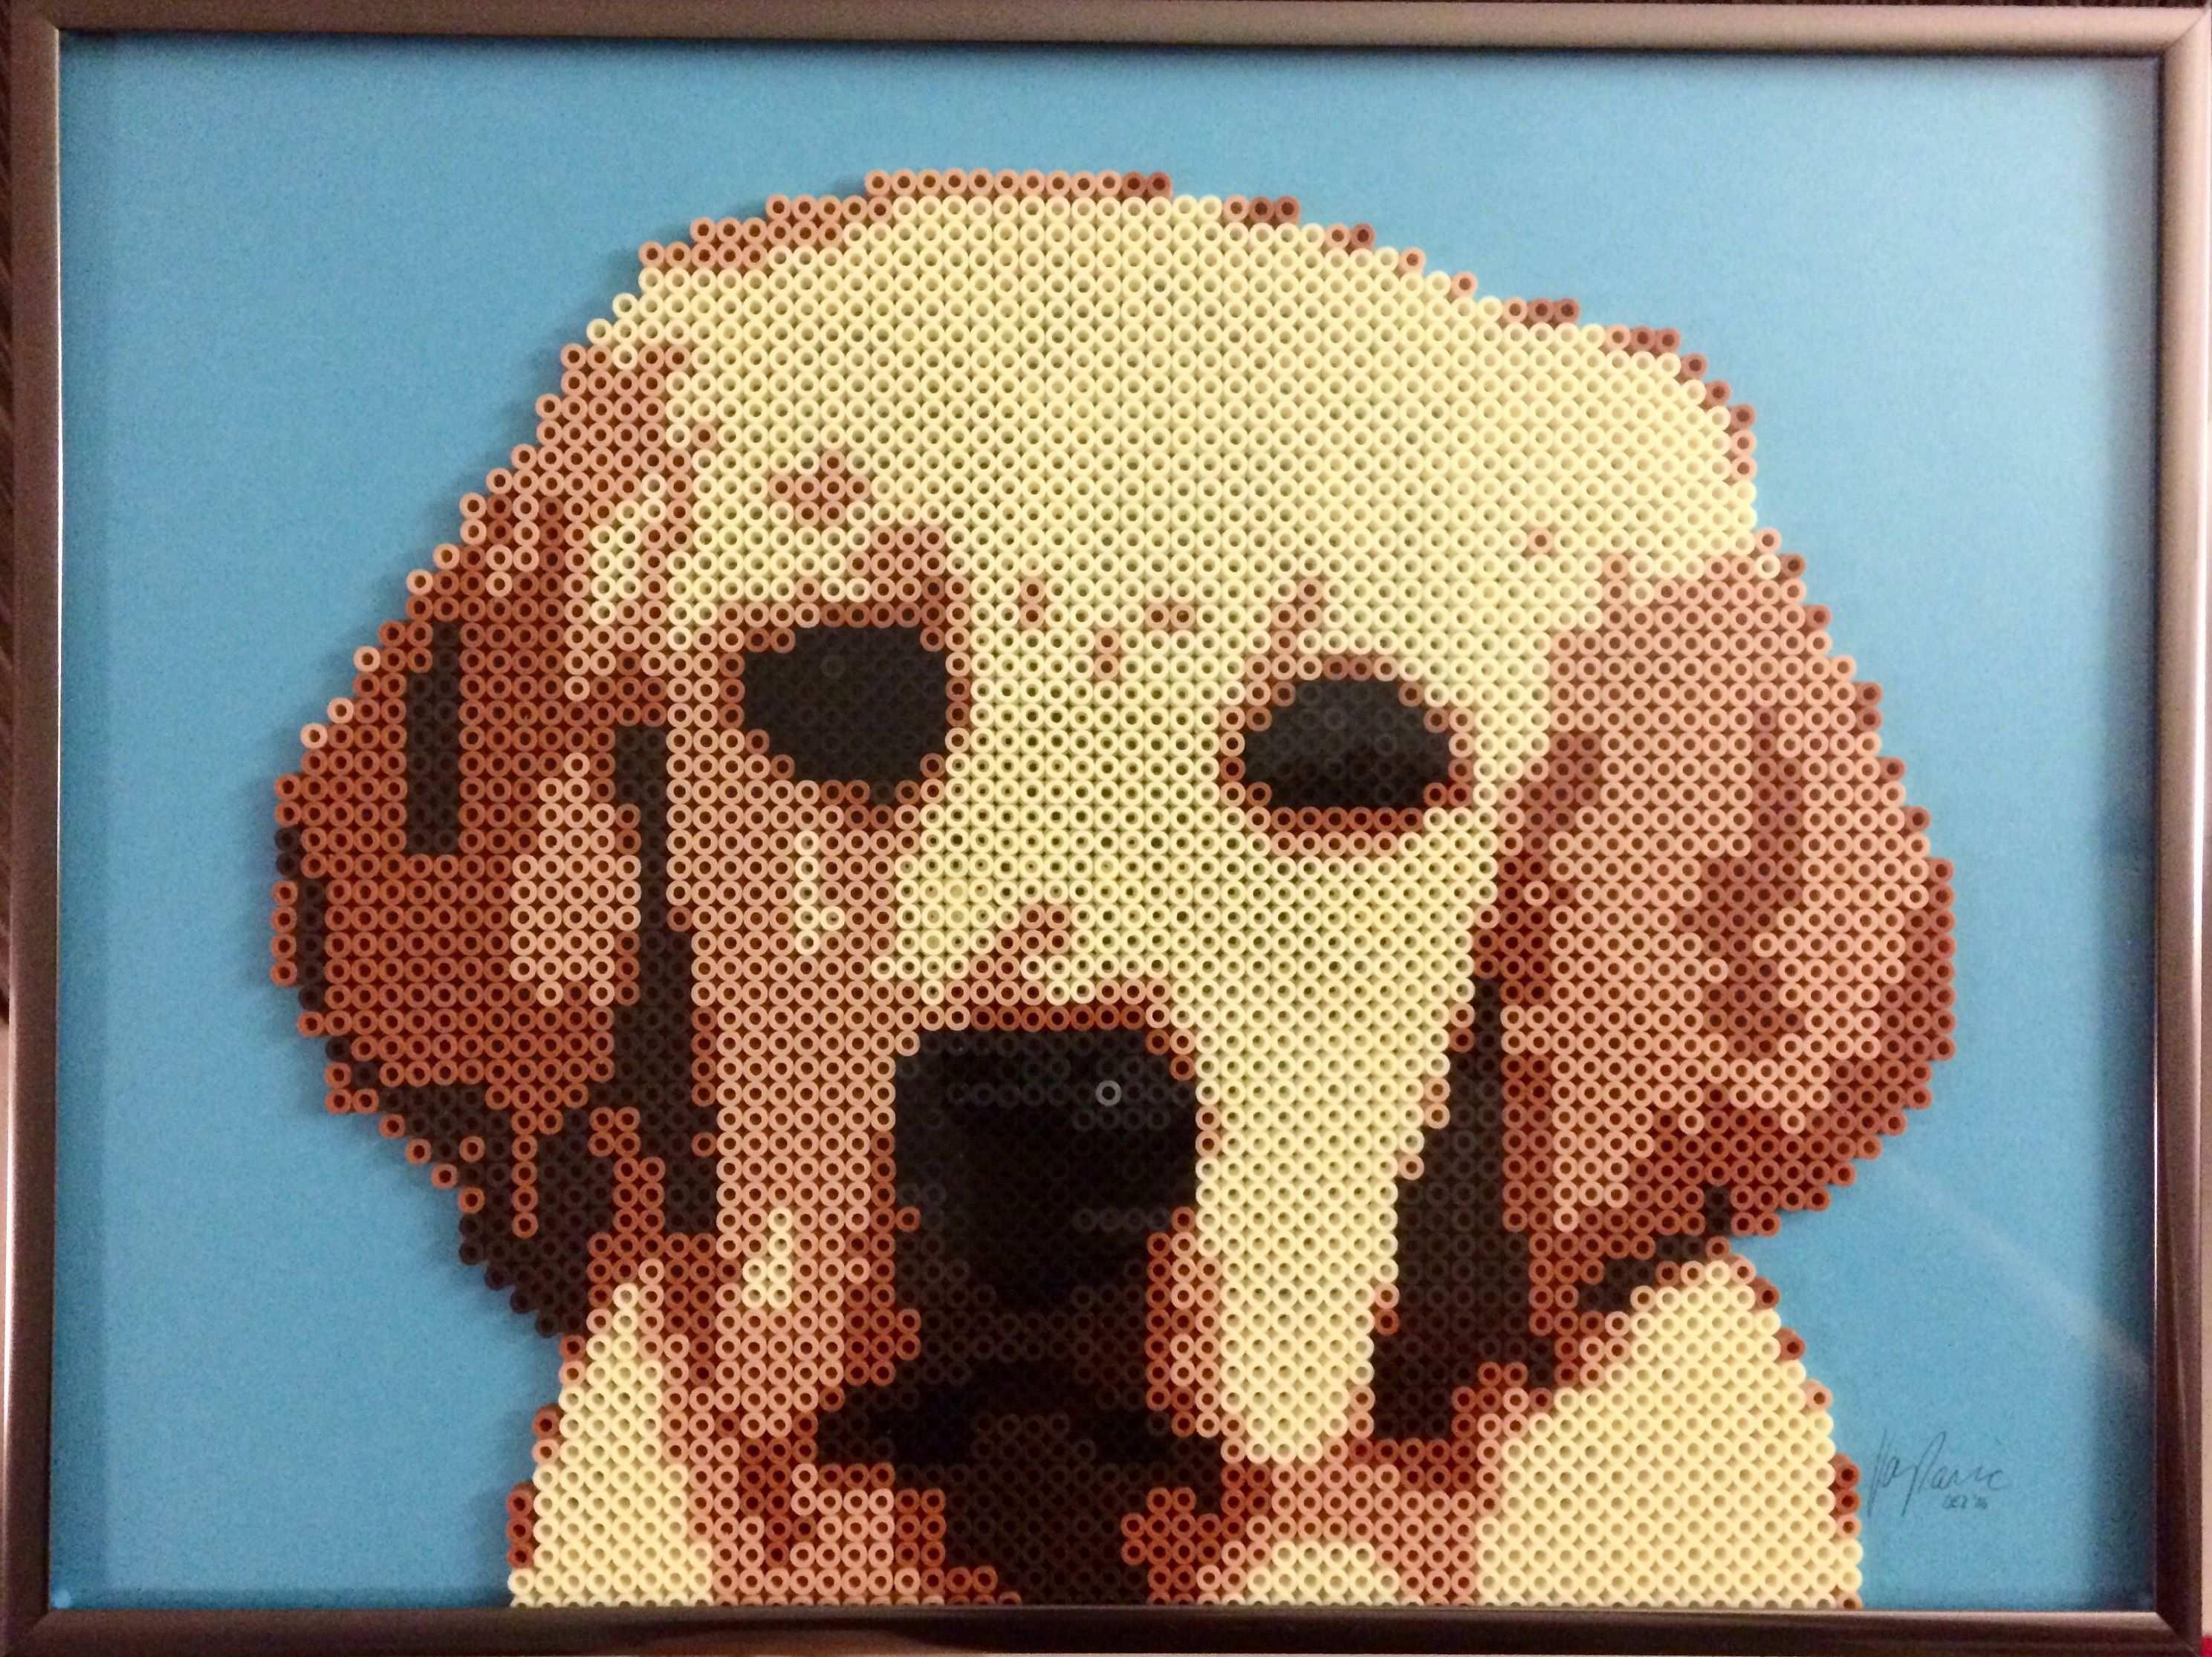 Ein Labrador Aus 2755 Bugelperlen Und 7 Farben Schwarz Dunkelbraun Braun Beige Creme Silber Und Grau 2 Tage Arb Bugelperlen Motive Labrador Bugelperlen